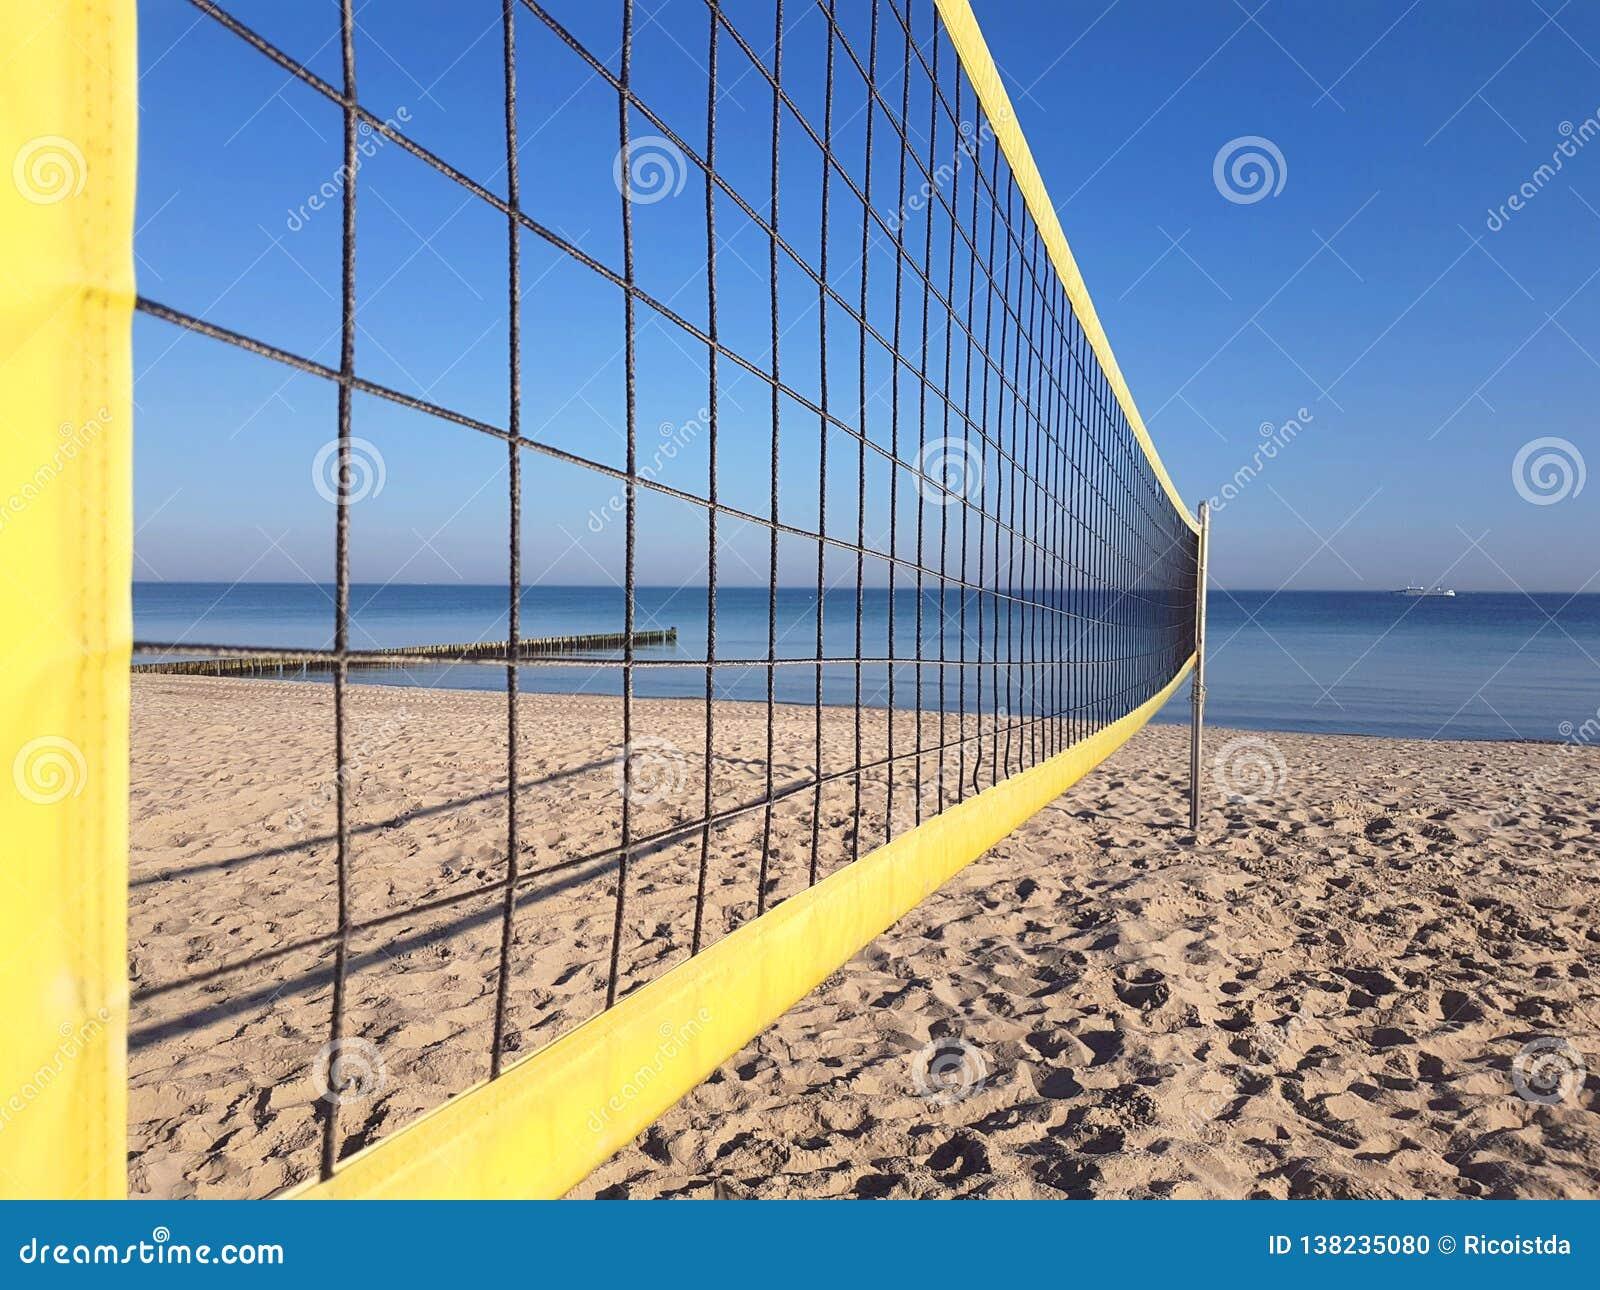 Volleyballnetz auf dem Strand